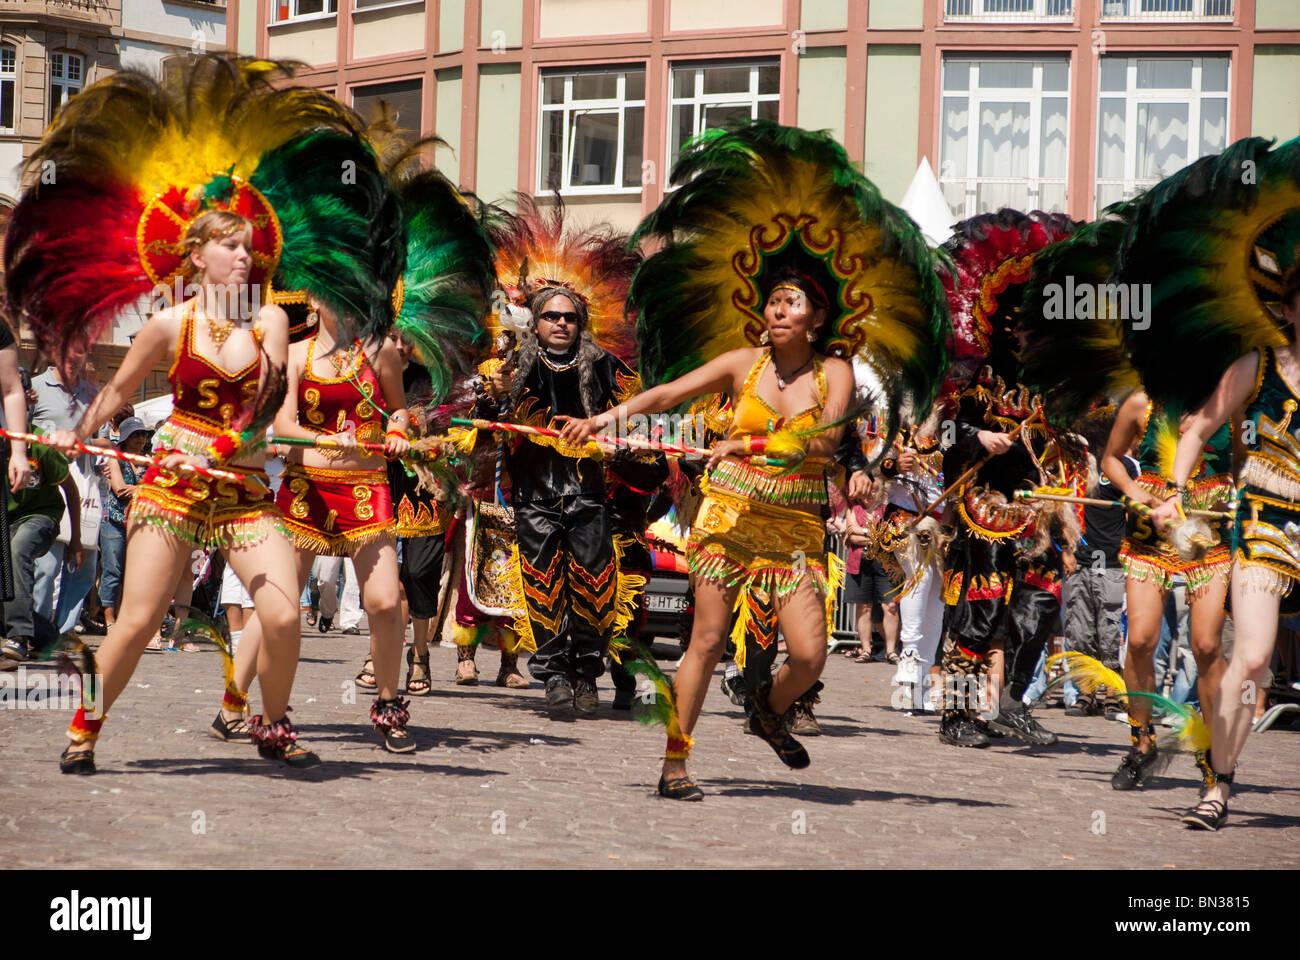 FRANKFURT - 26 JUNI. Bolivianer ein Krieg Tanz an der Parade der Kulturen. 26. Juni 2010 in Frankfurt am Main, Deutschland. Stockbild